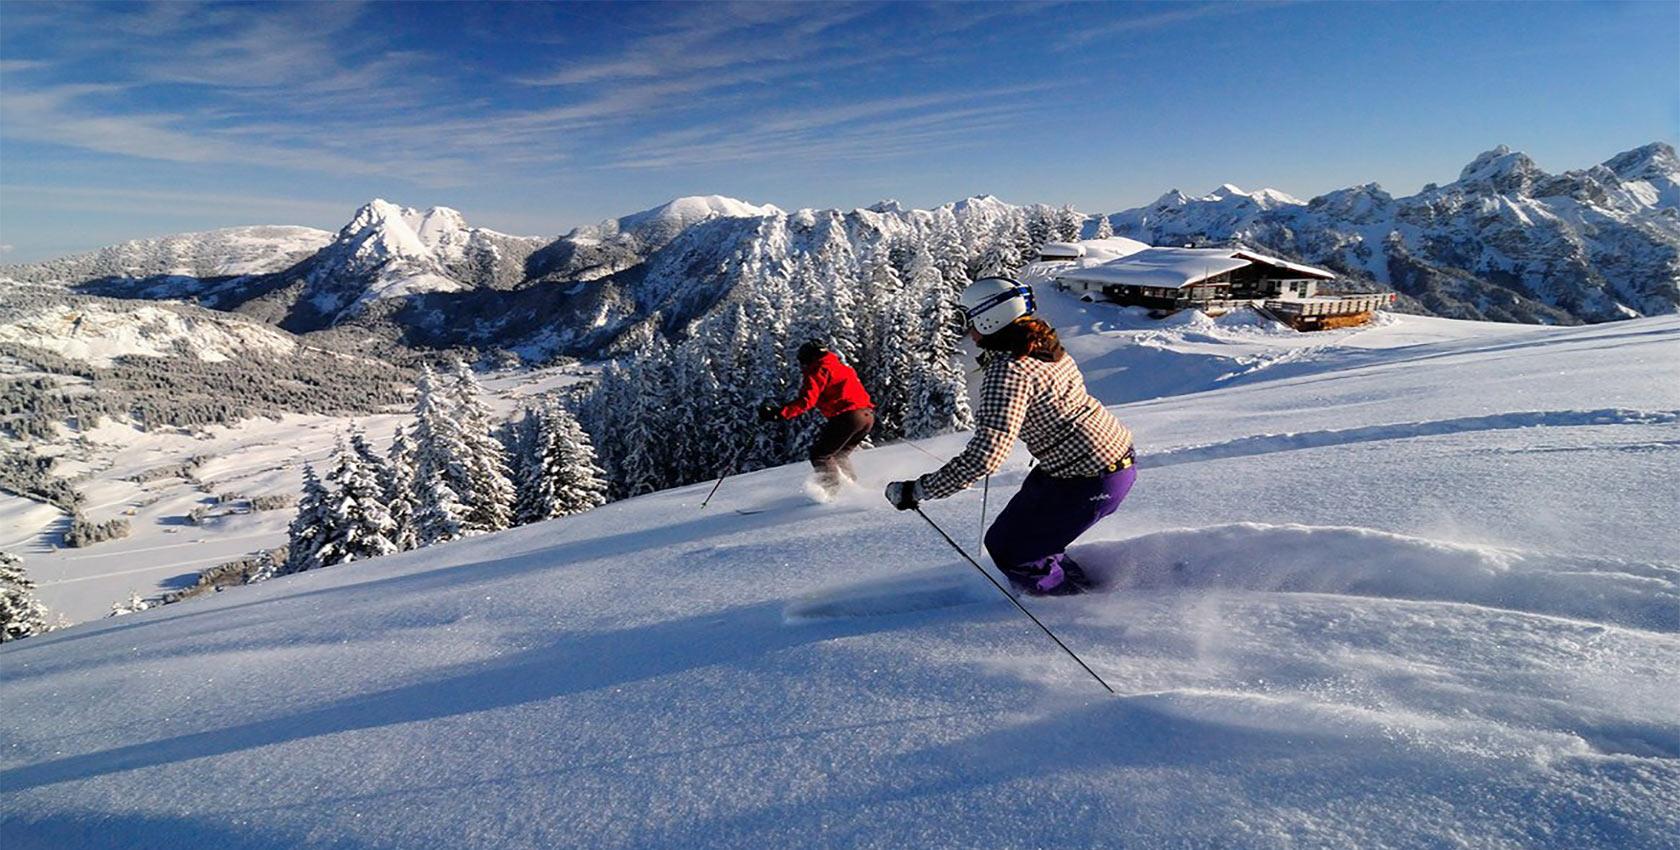 Skifahren und Snowboardfahren in Tirol beim Skiurlaub